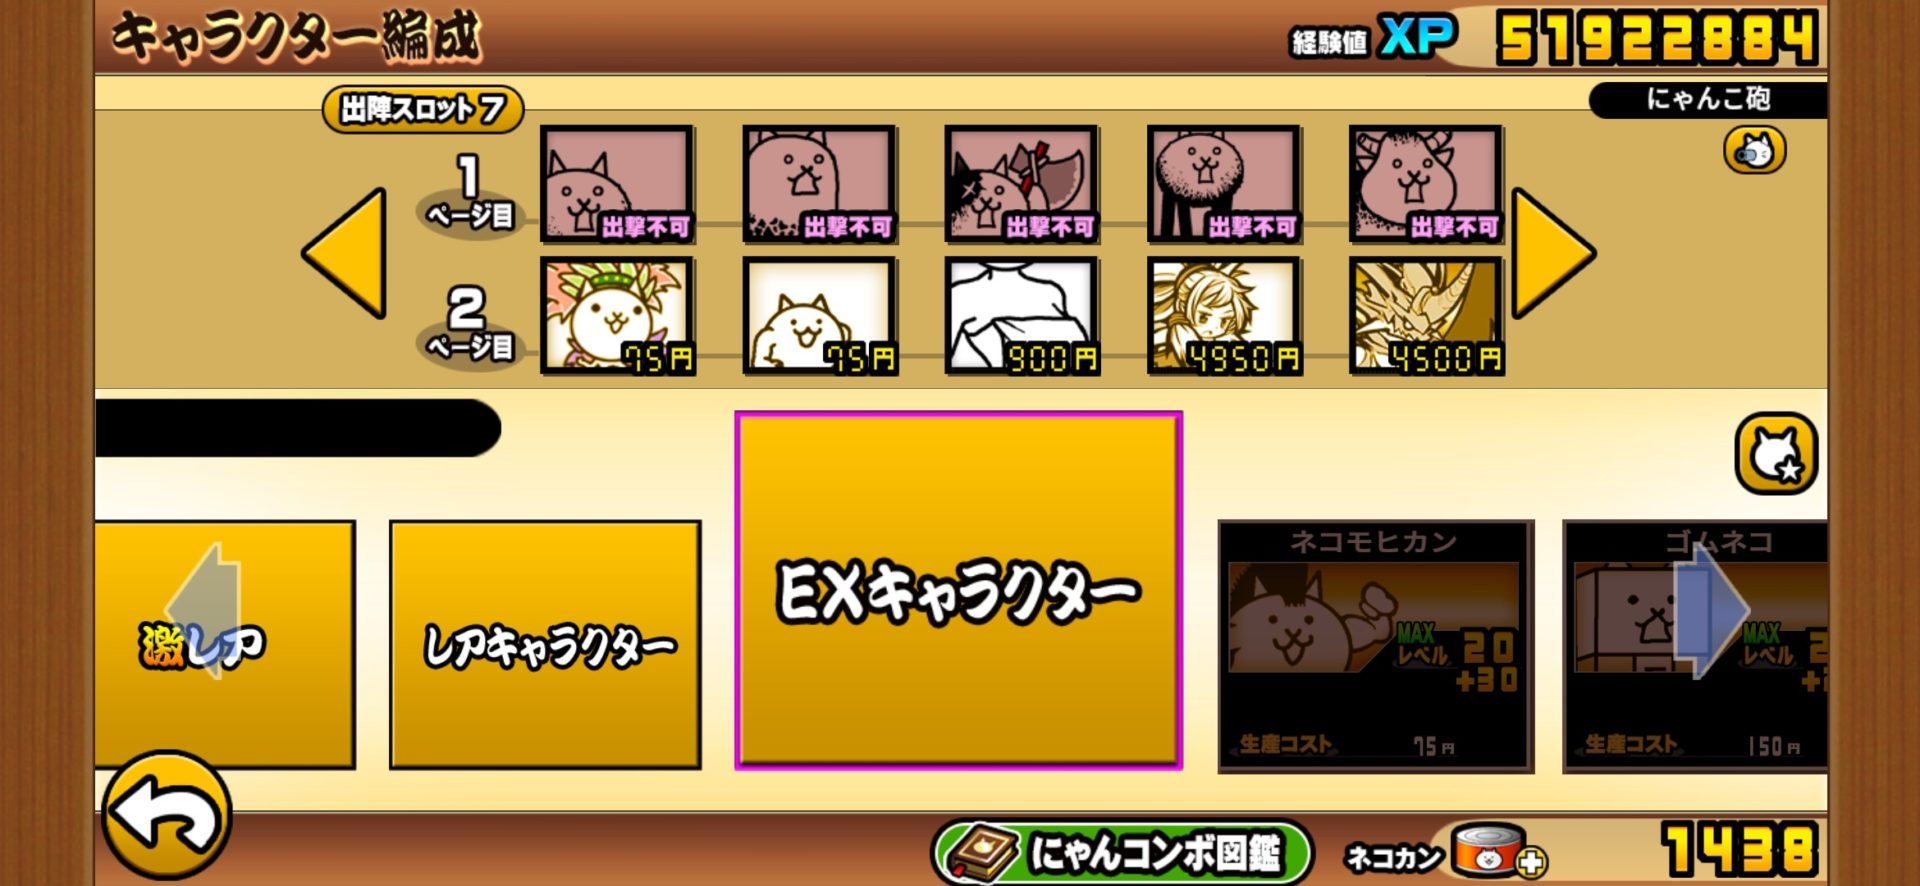 ケリ姫降臨! 激ムズで使用したネコ